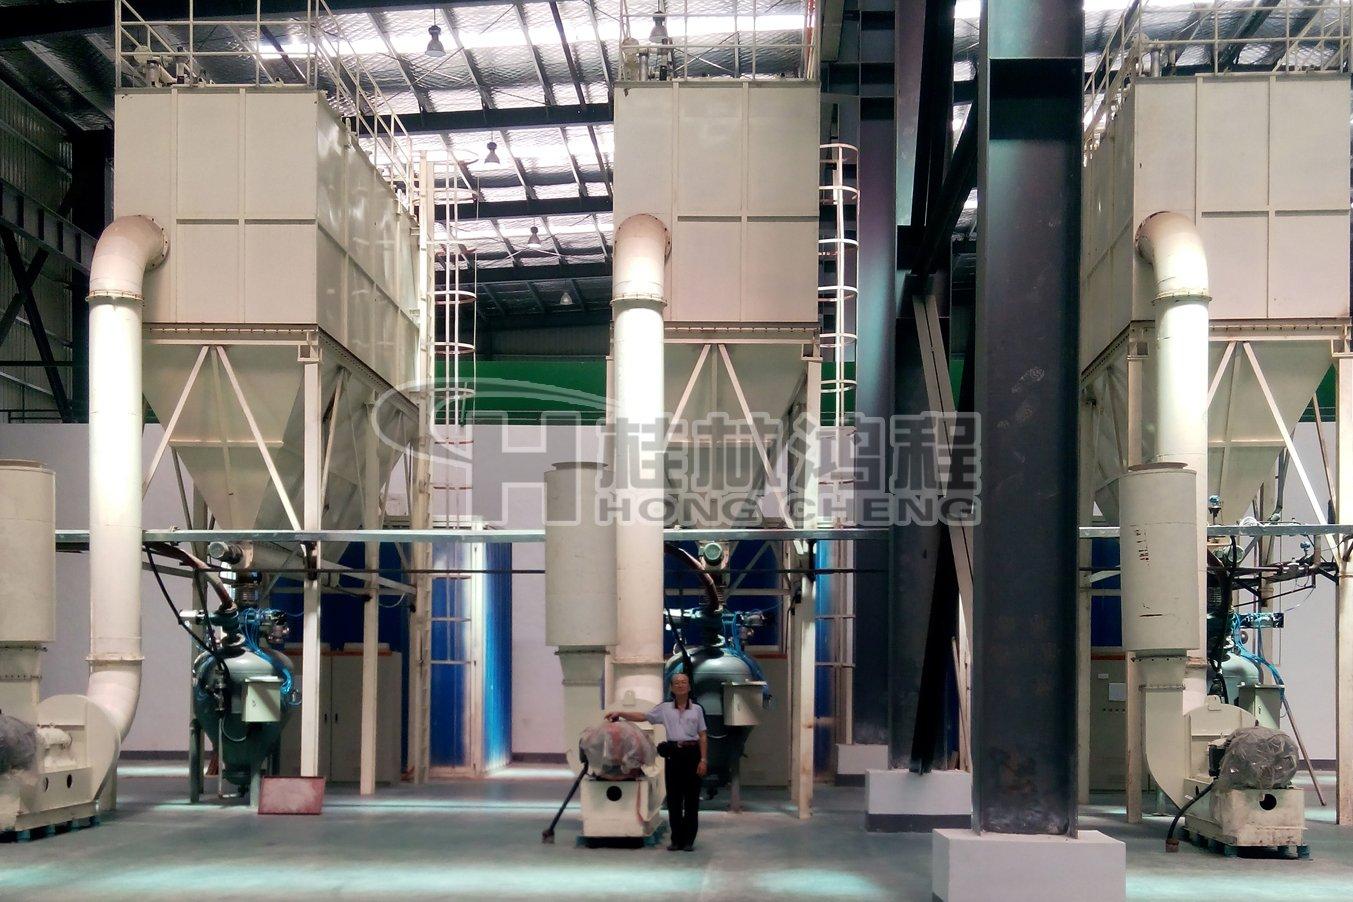 桂林鸿程HCH980超细磨粉机环辊磨机叶腊石超细磨图片